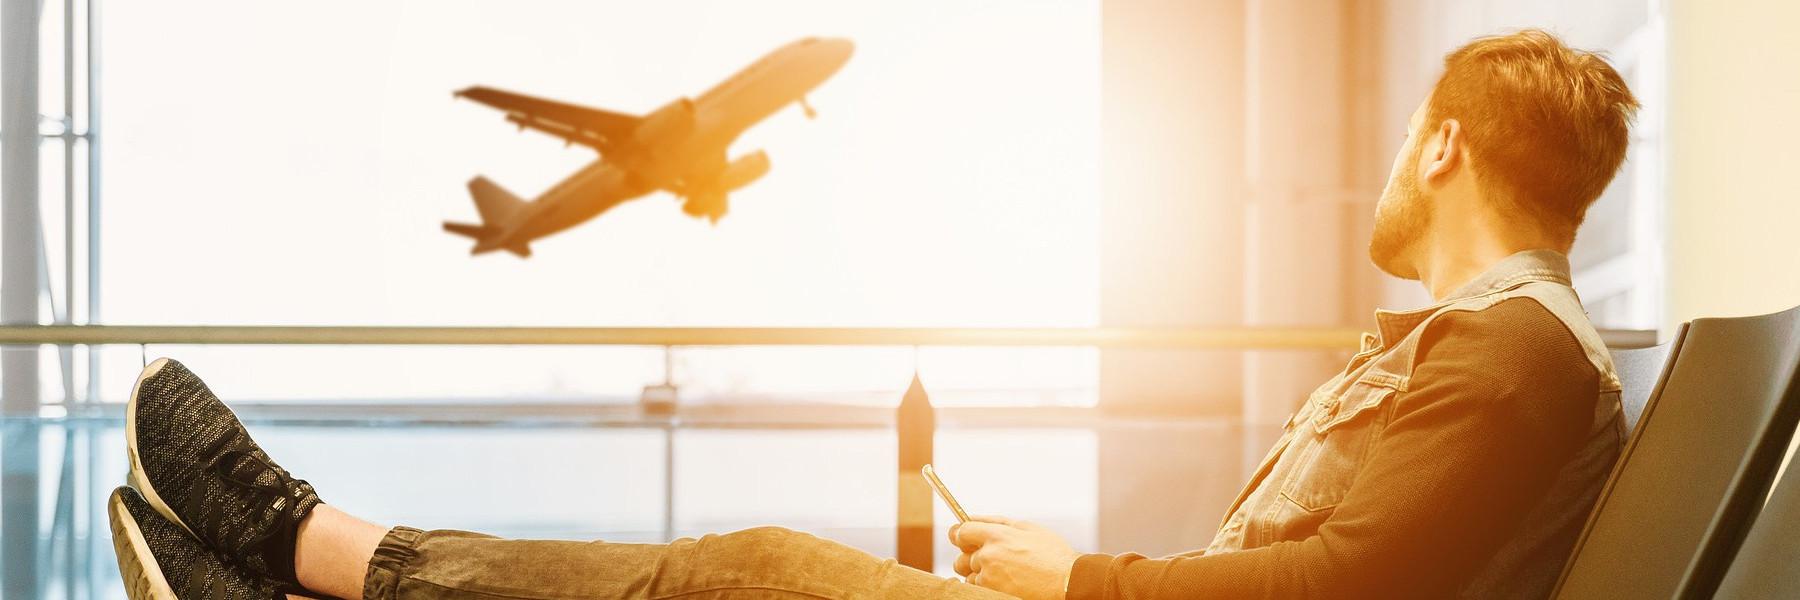 ▷▷▷ Restplätze nur Flug bei Linienflügen